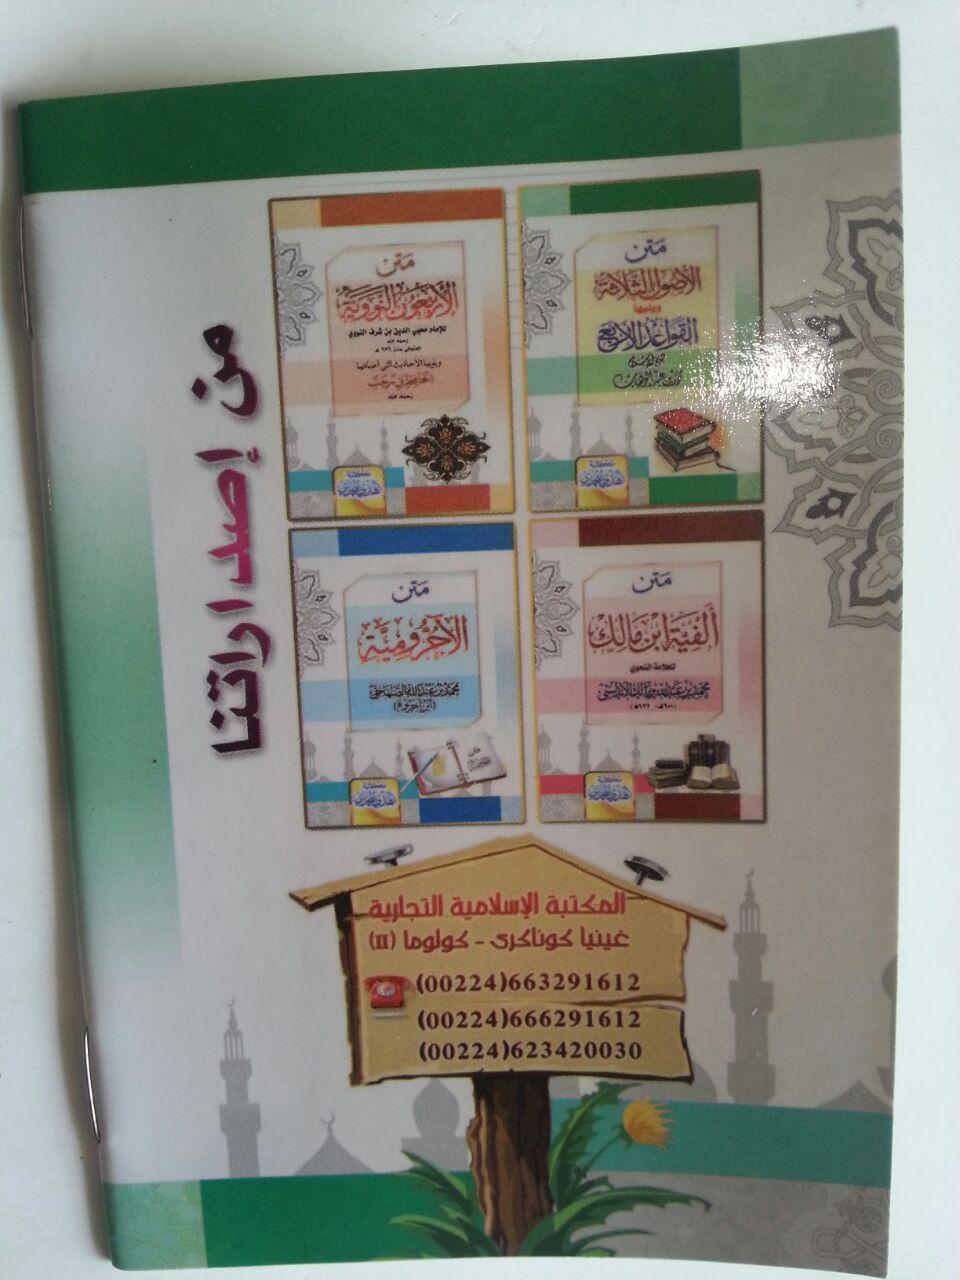 Kitab Matan Al-Ushul Ats-Tsalatsah Dan Al-Qowaid Al-Arba cover